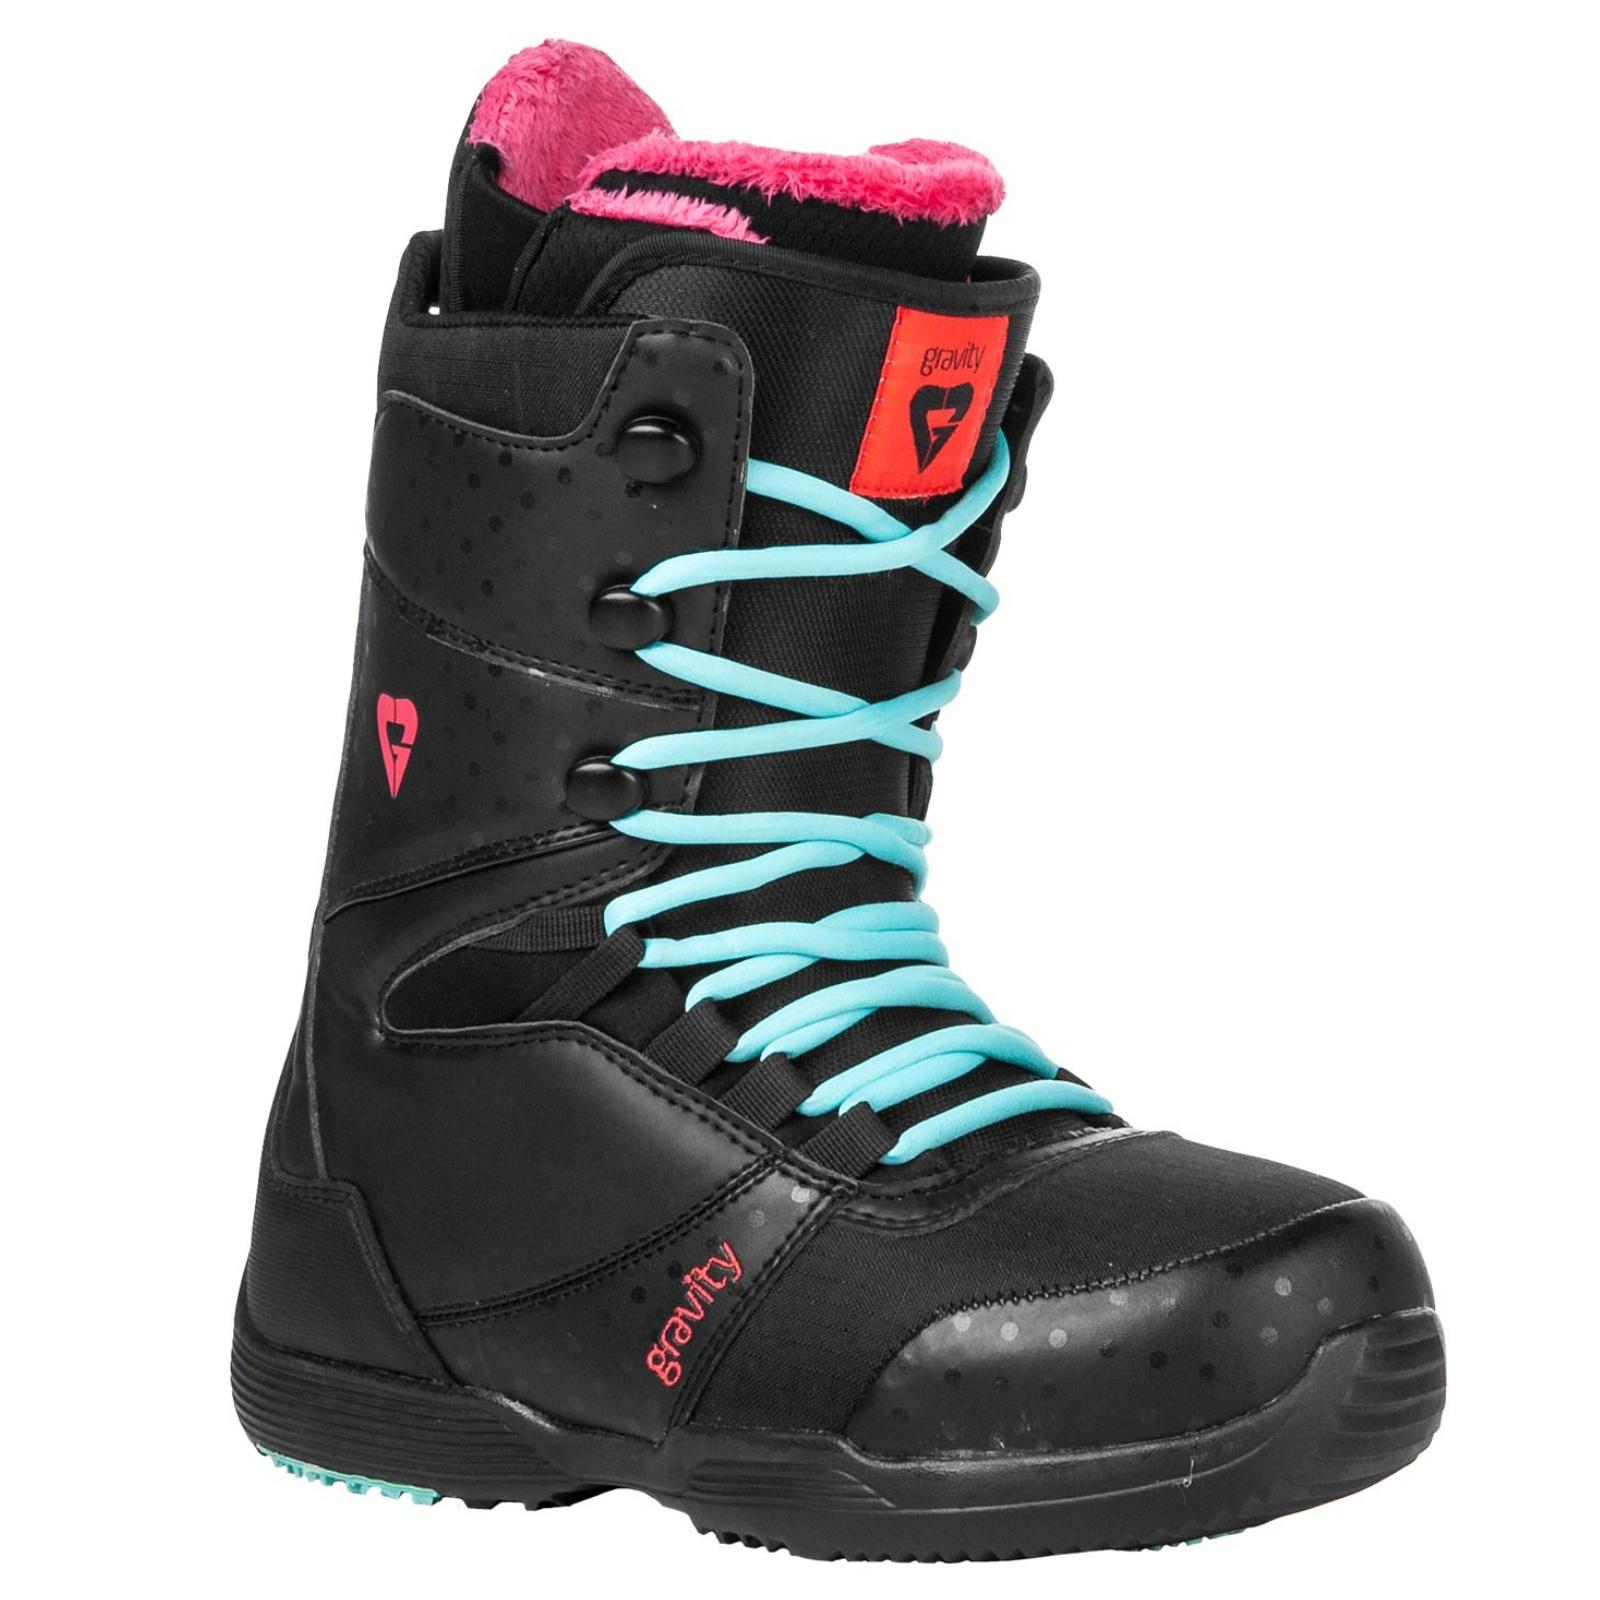 Boty na snowboard GRAVITY Sage dámské - vel. 38,5